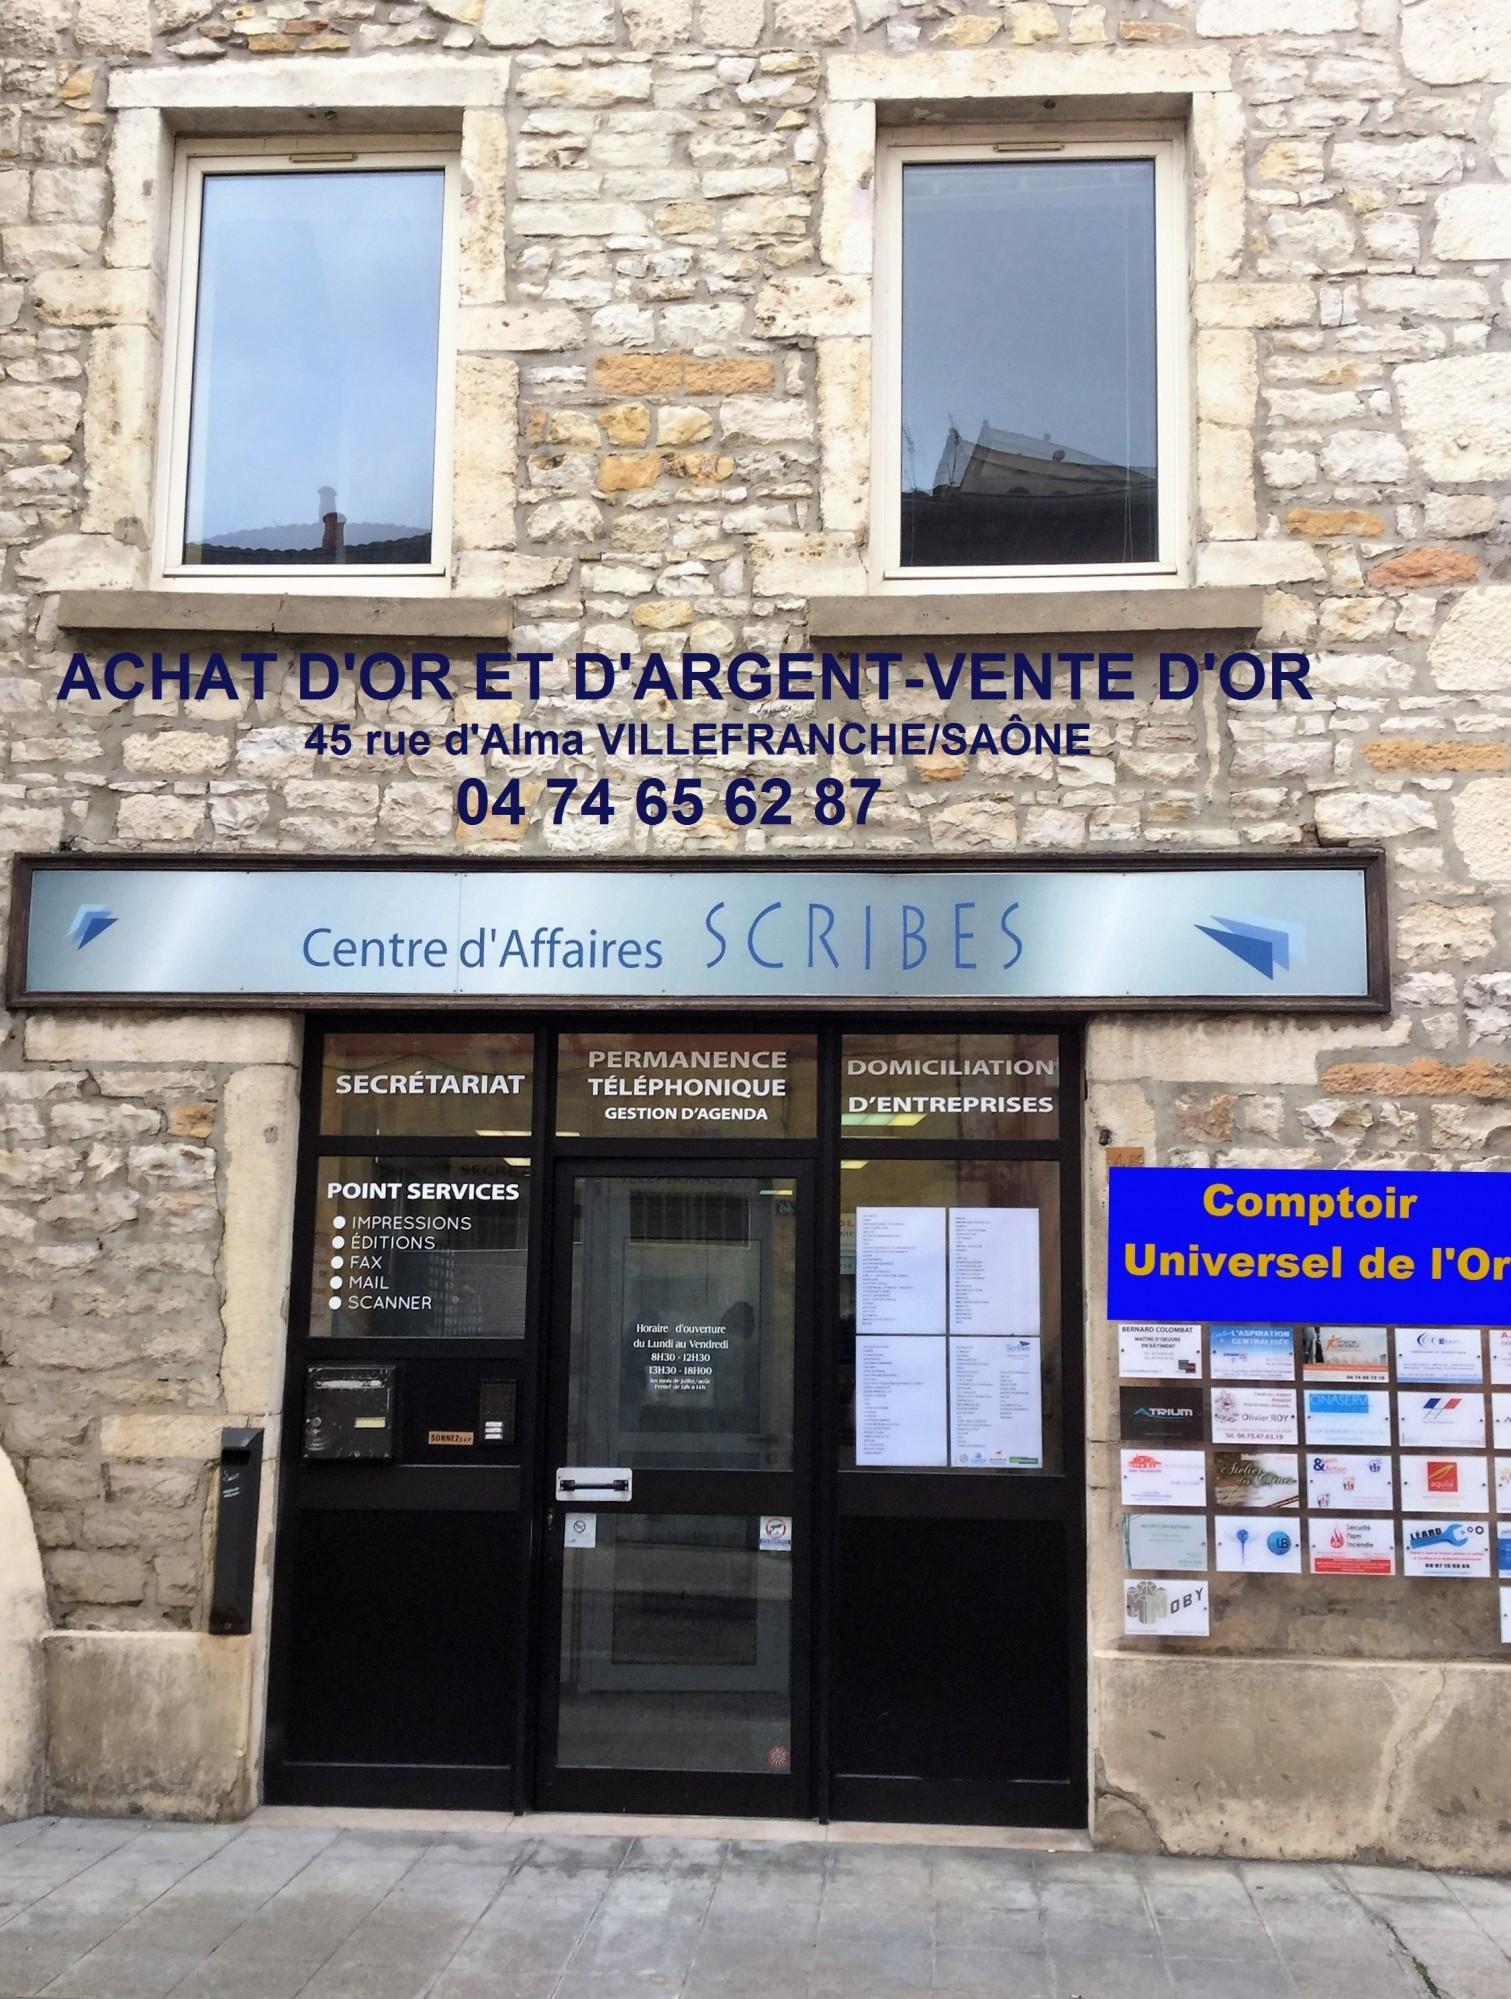 Reglement du jeu concours ouverture du comptoir universel de l or villefranche sur saone - Bureau vallee villefranche sur saone ...